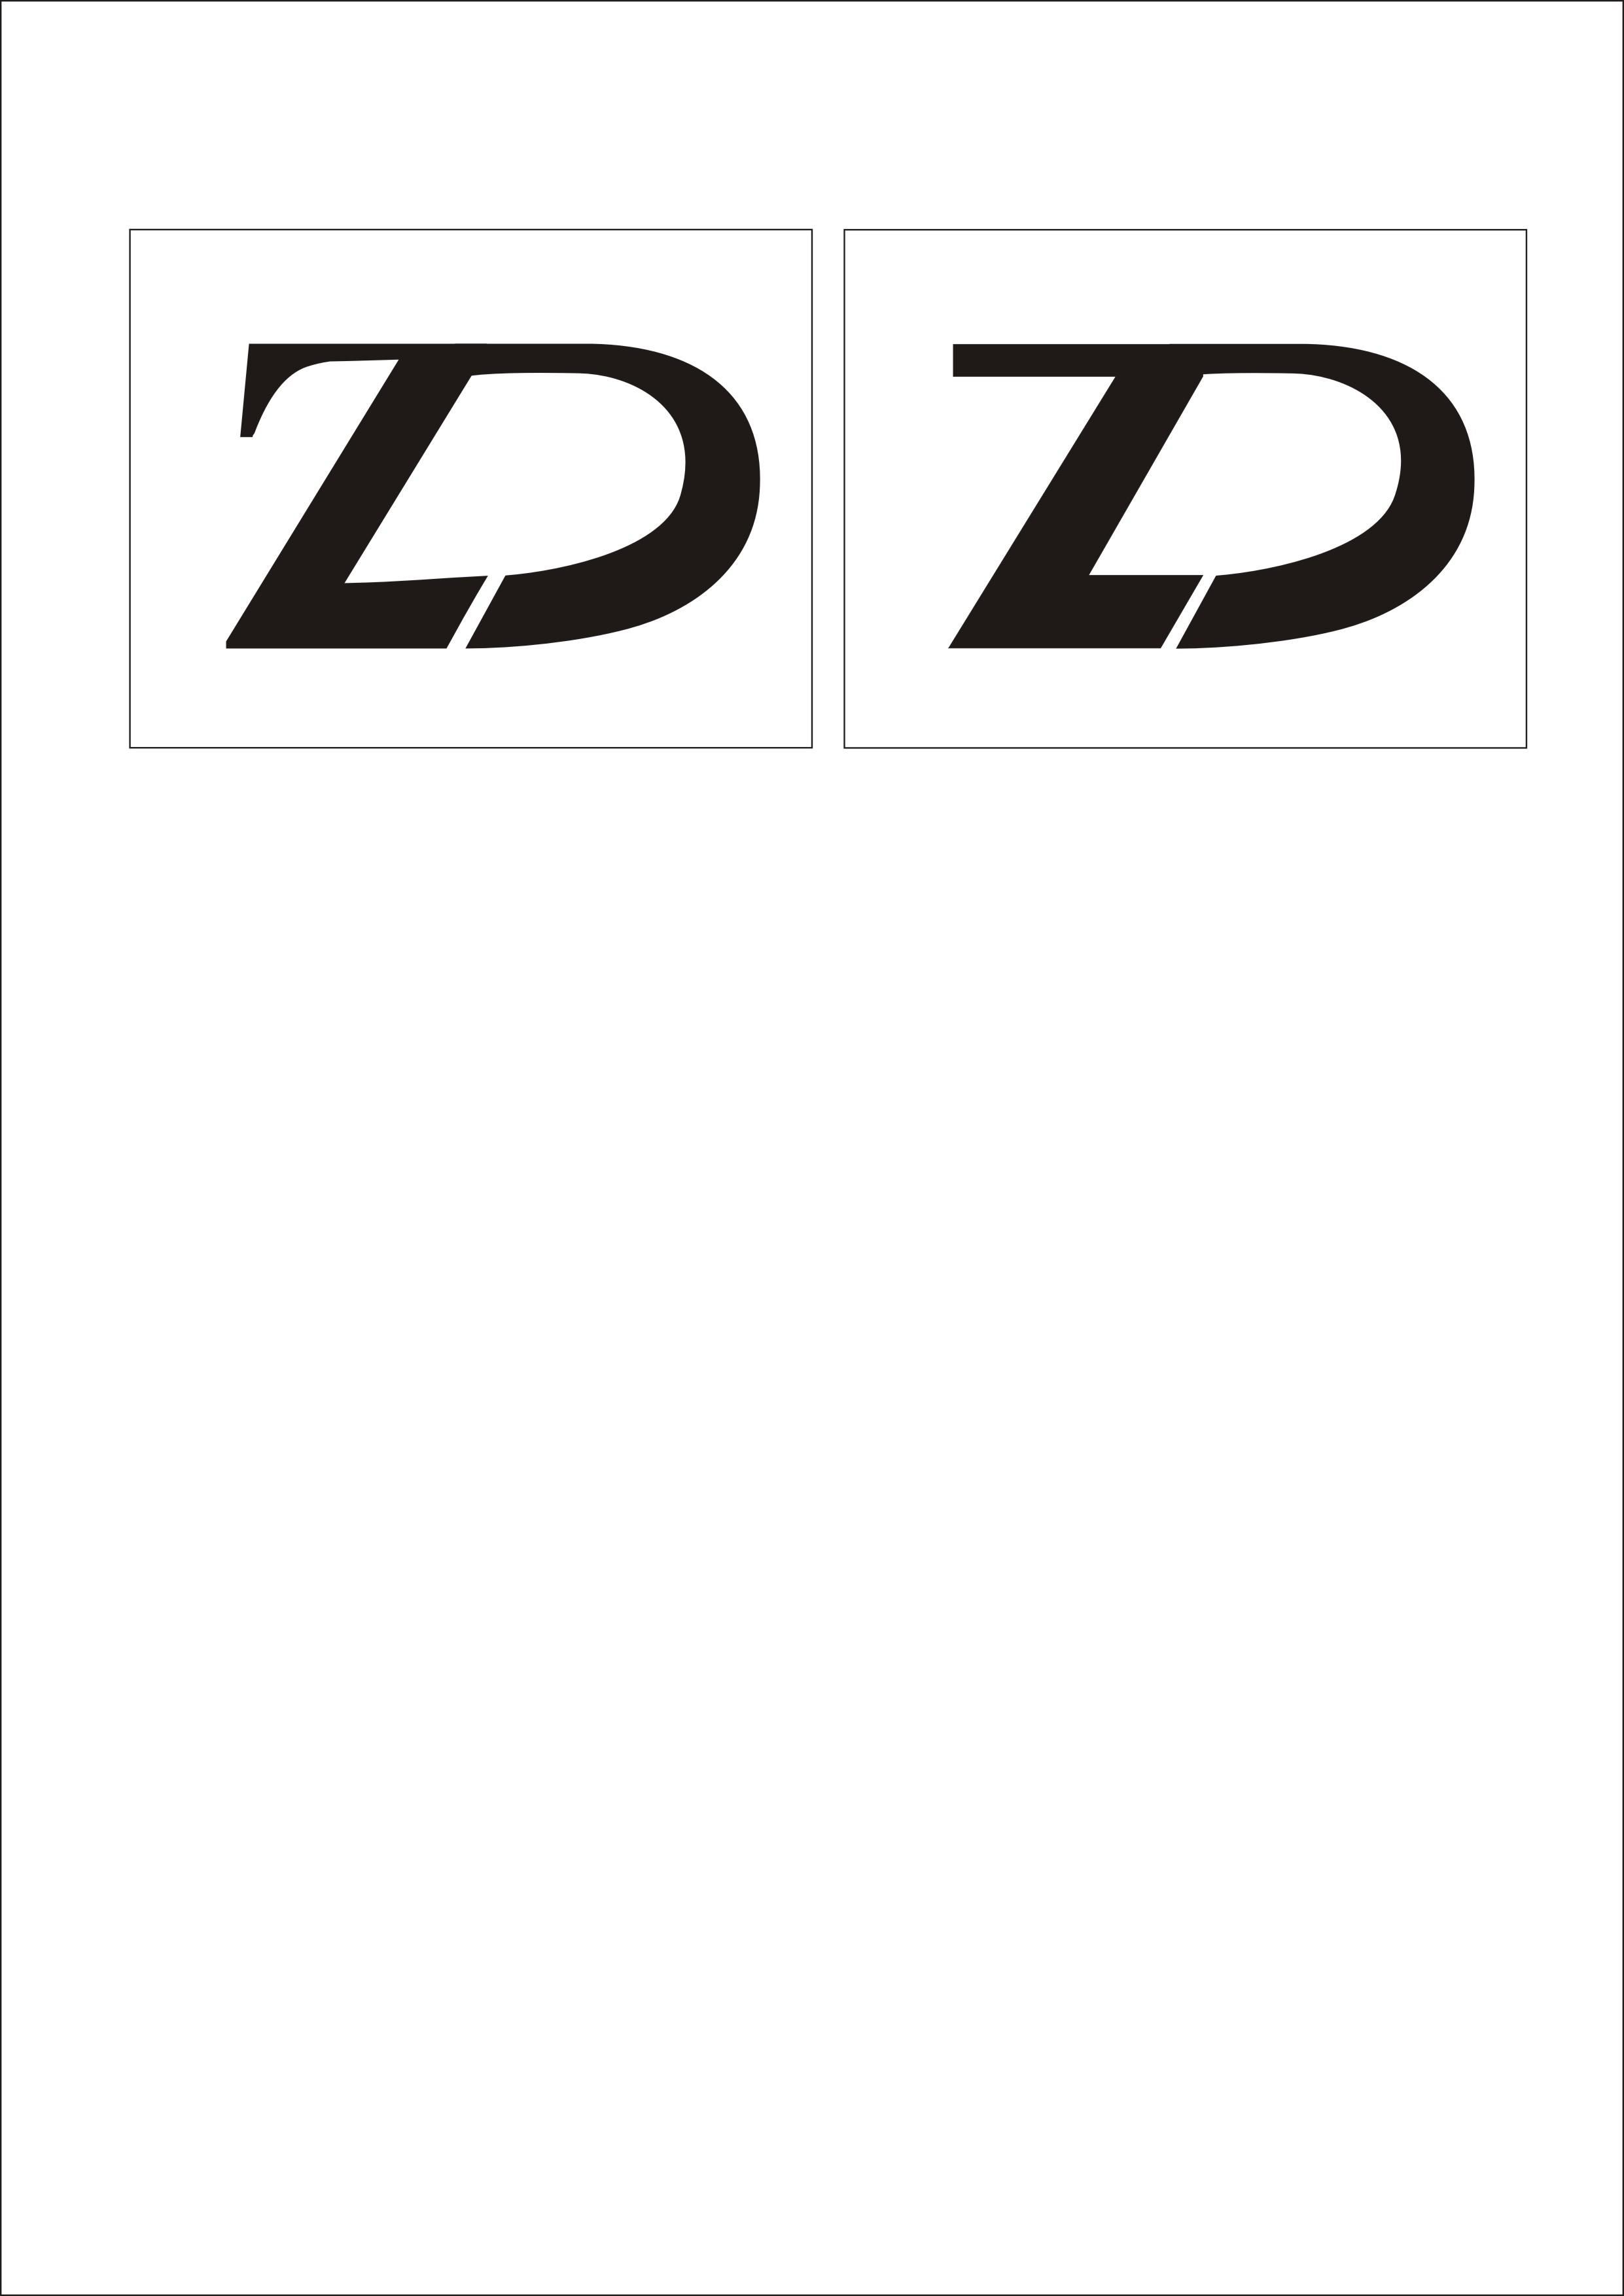 关于立���9d#z*_求高手设计个以 z d 两个字母设计的标志 要现代化科技的感觉的 请给